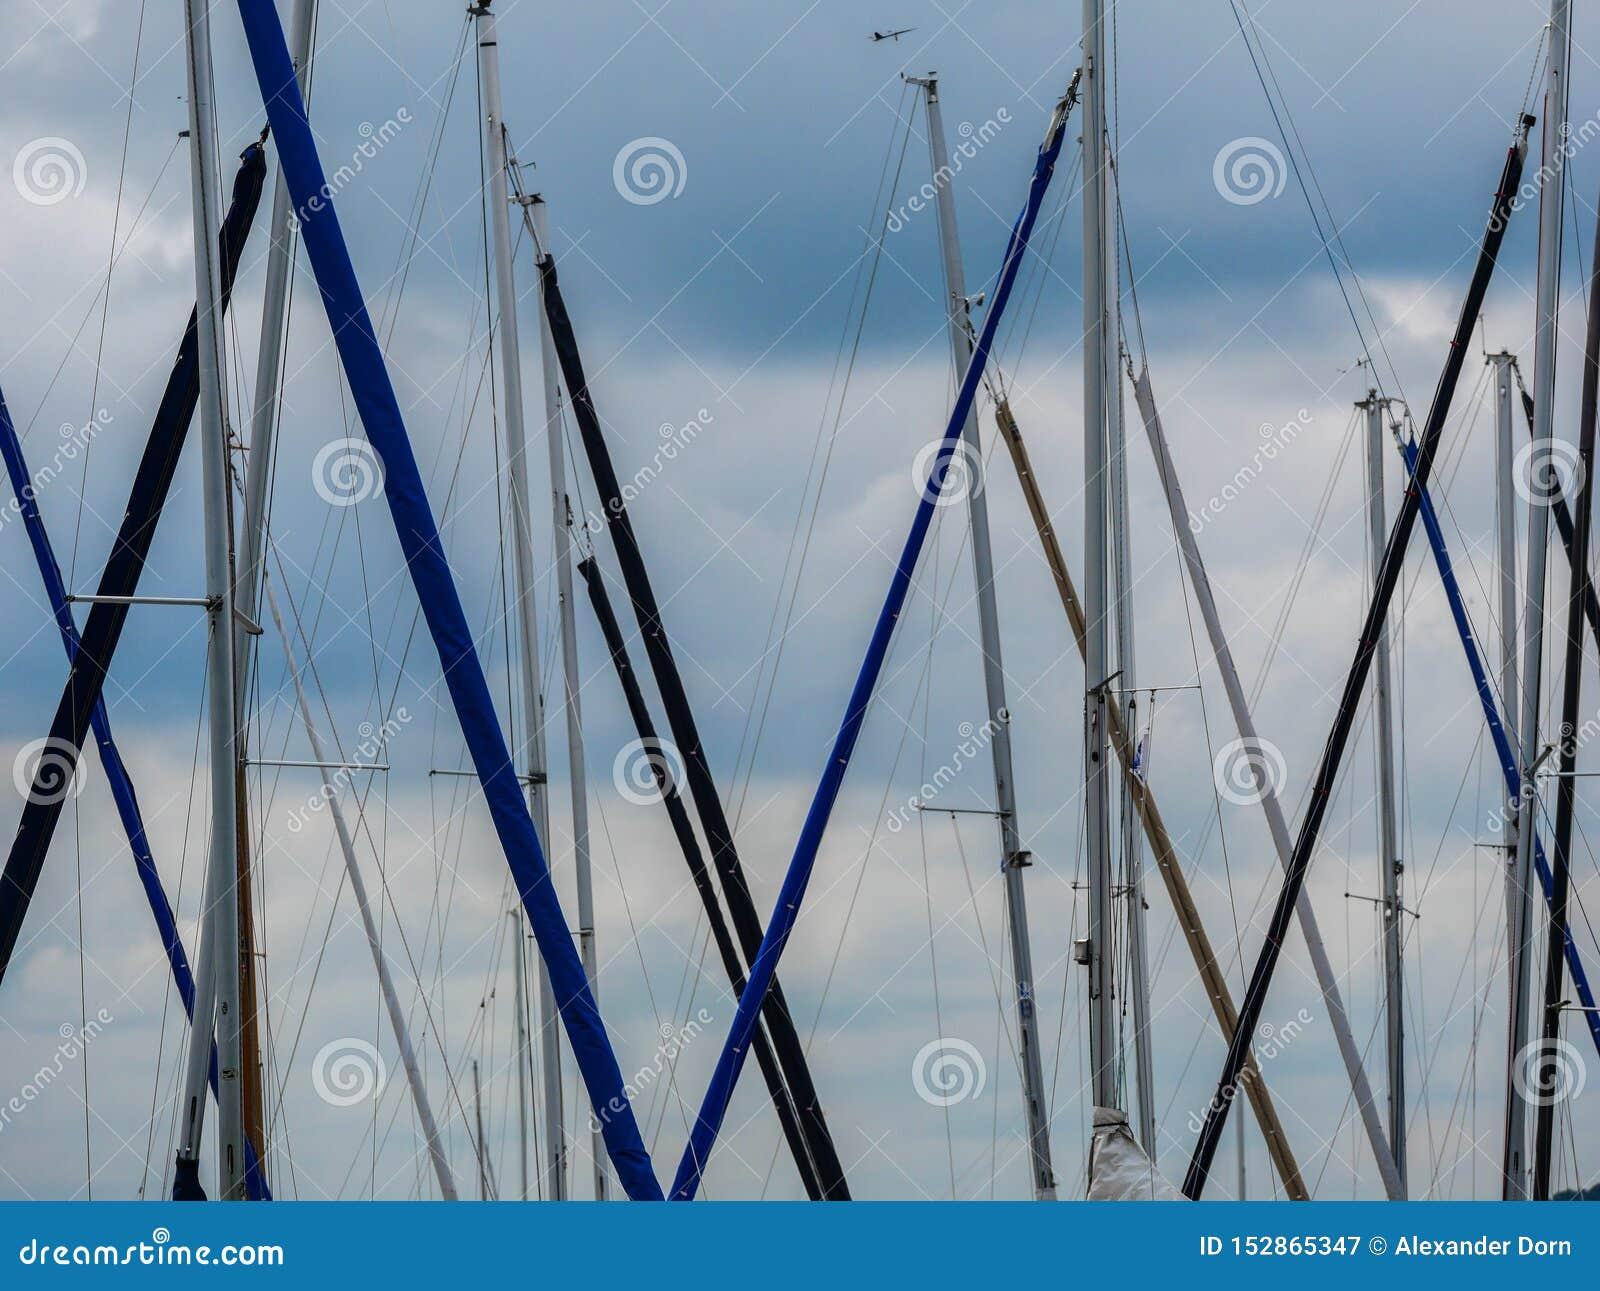 Image des plusieurs mât de bateau dans le ciel